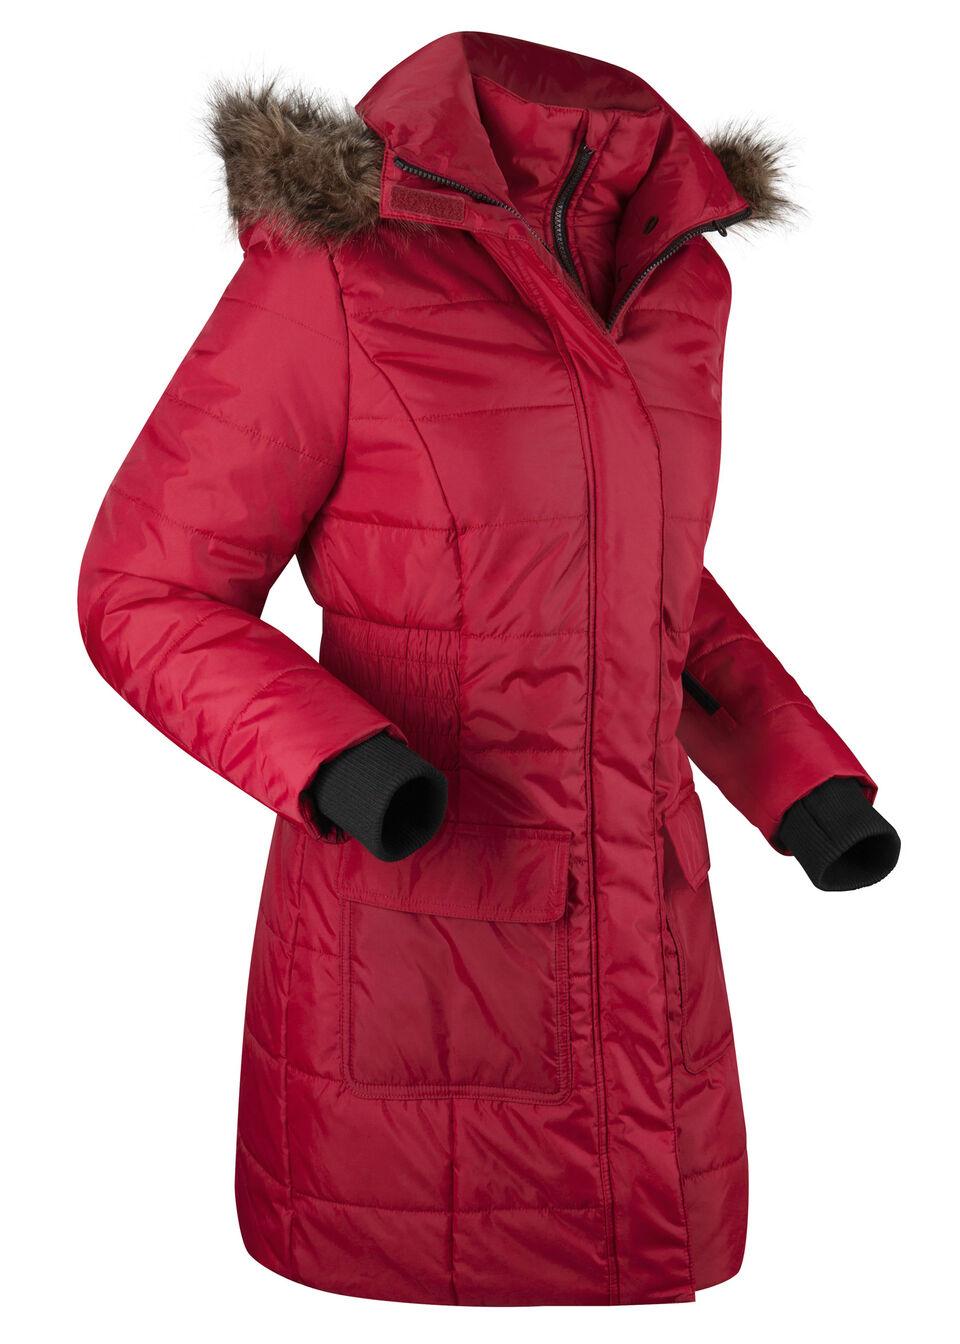 Купить Куртки и плащи, Куртка стёганая 2 в 1, bonprix, цвет вечерней зари